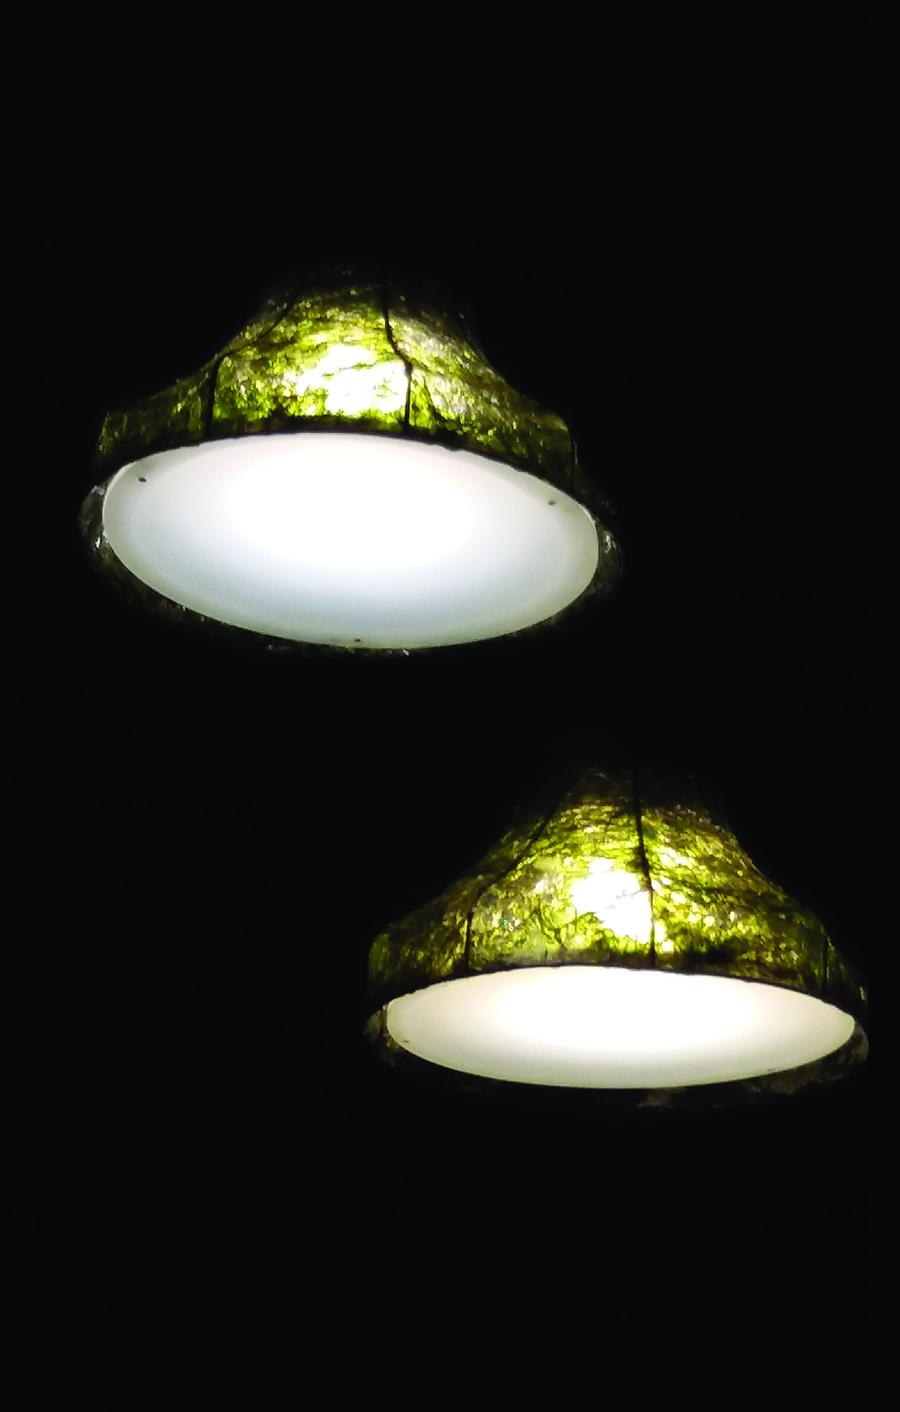 ניר מאירי-גופי תאורה, צילום: ניקול קצב.